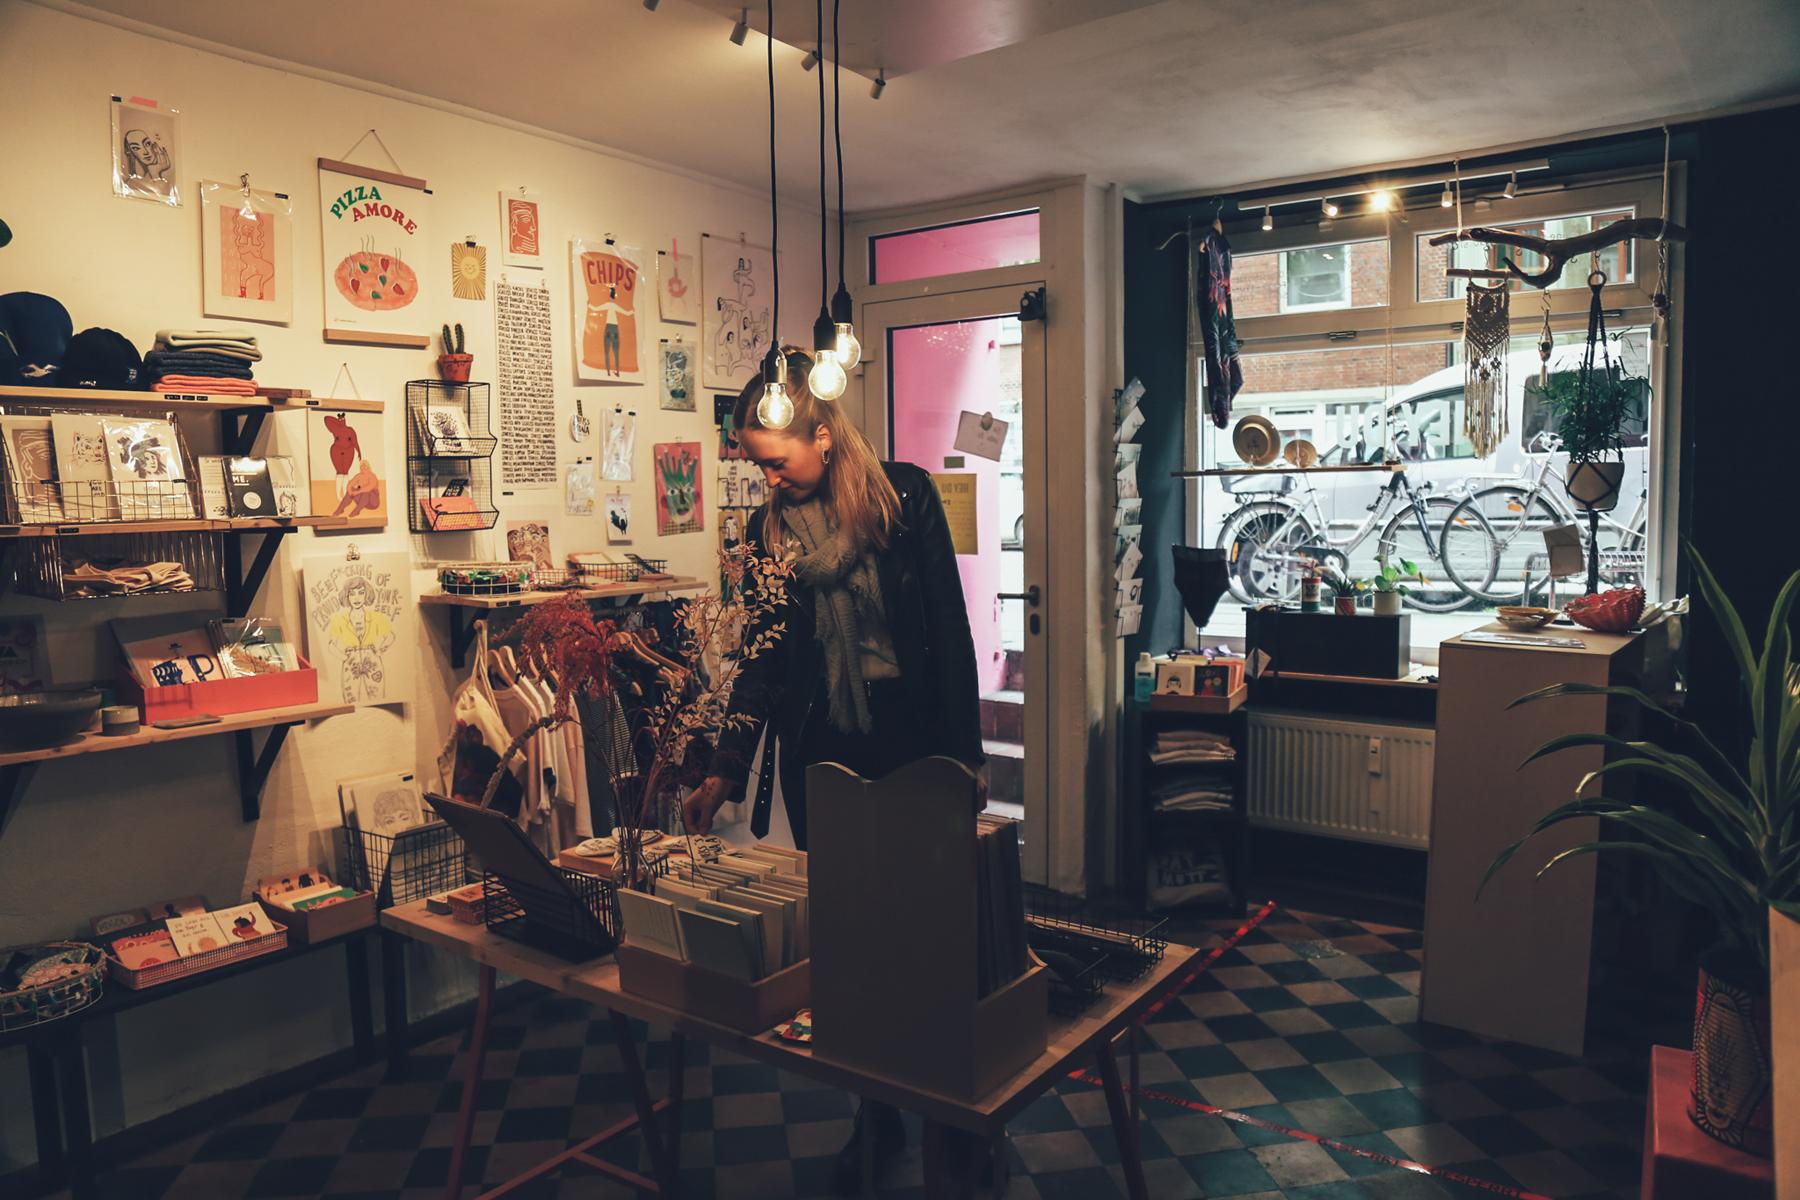 Geheimtipp Hamburg St Pauli Laden Hey Du Store Leonie Henze 11